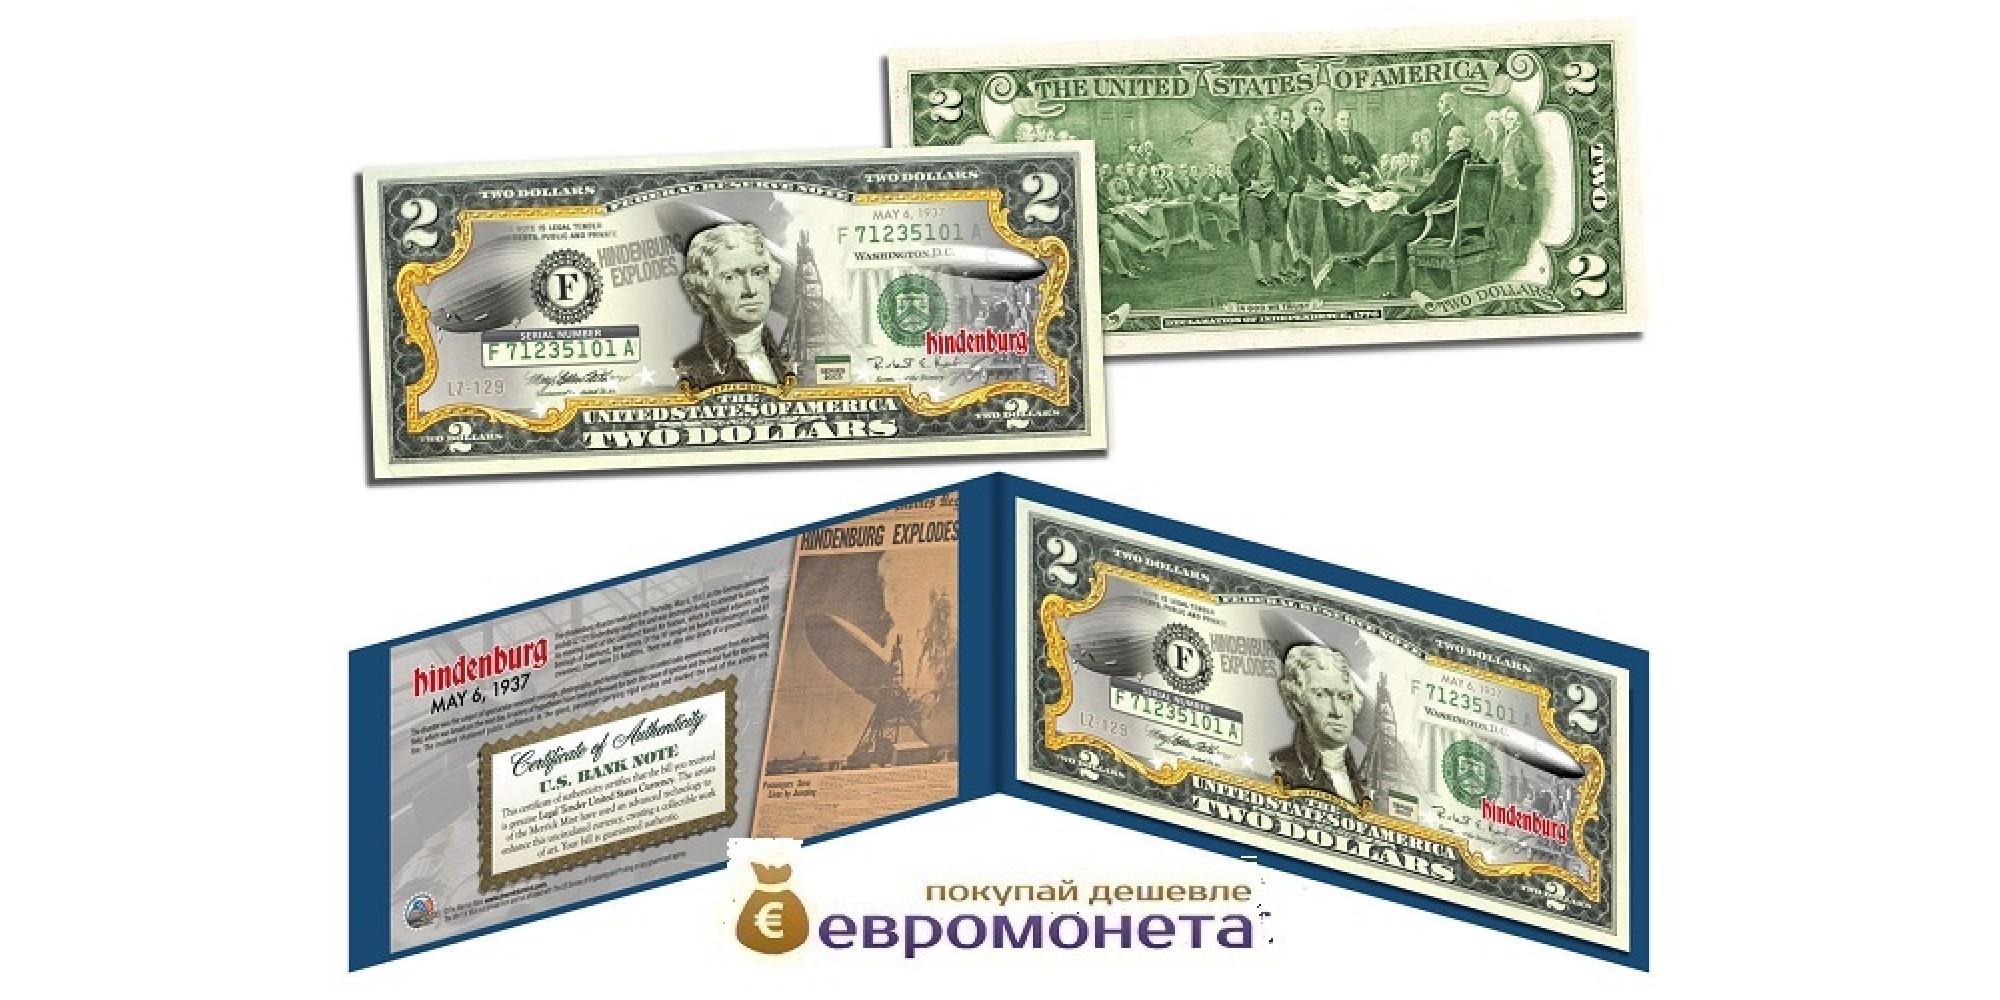 США 2 доллара 2003 Гинденбург Дирижабль 6 мая цветные фотопечать оригинал